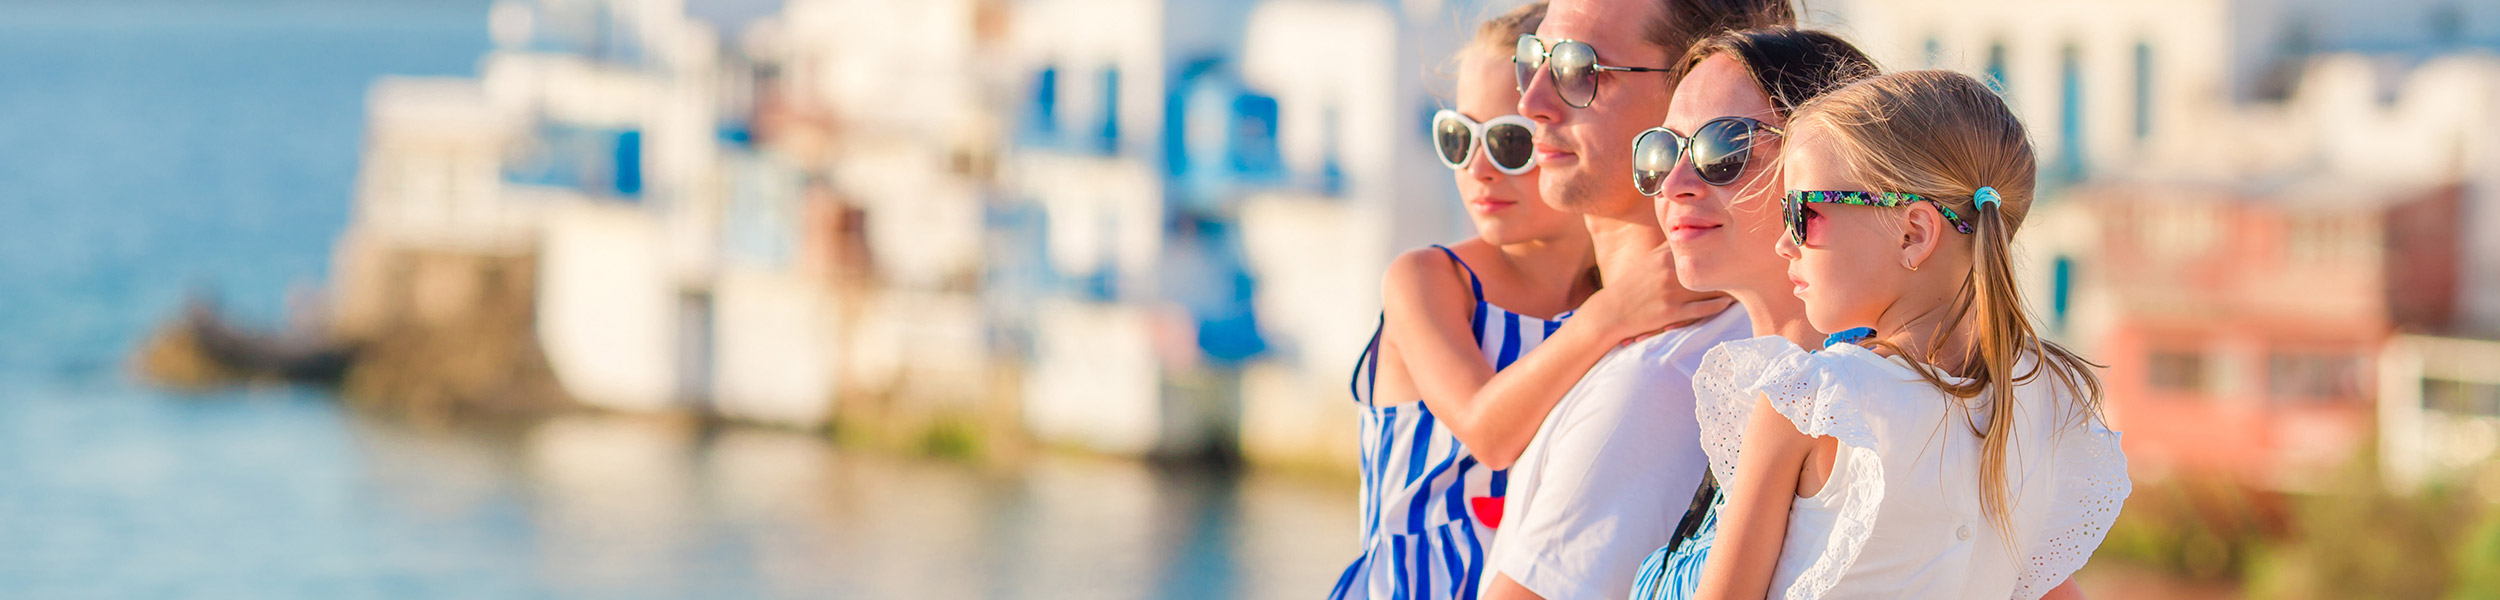 Heiße Reisetipps für den Sommerurlaub